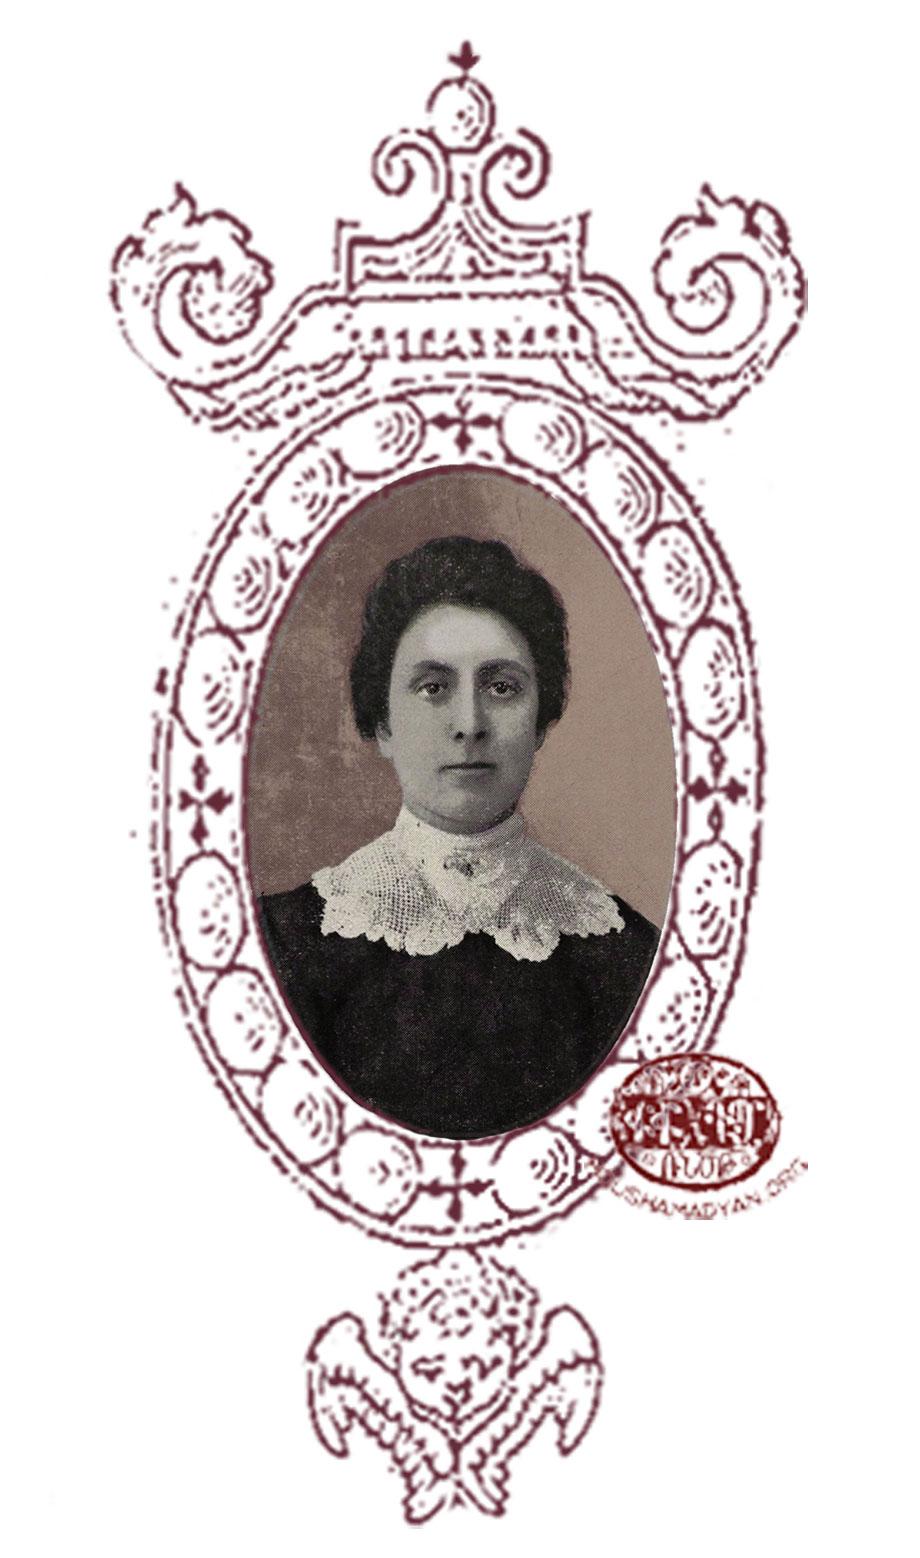 Էլիզապէթ Հարլի